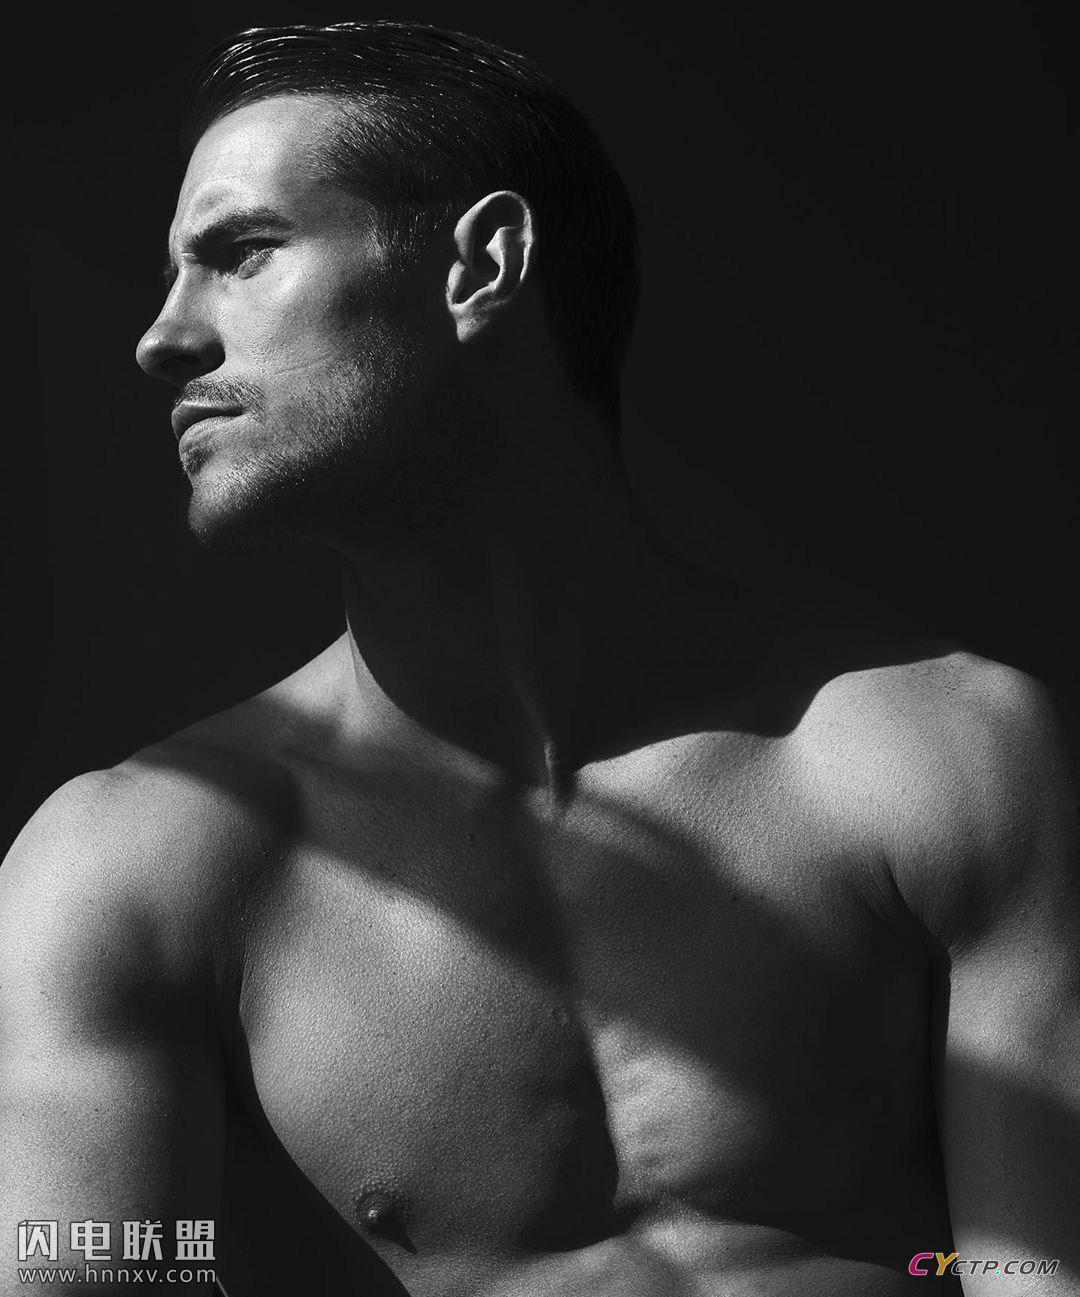 欧美肌肉男模上半身裸体图片第2张